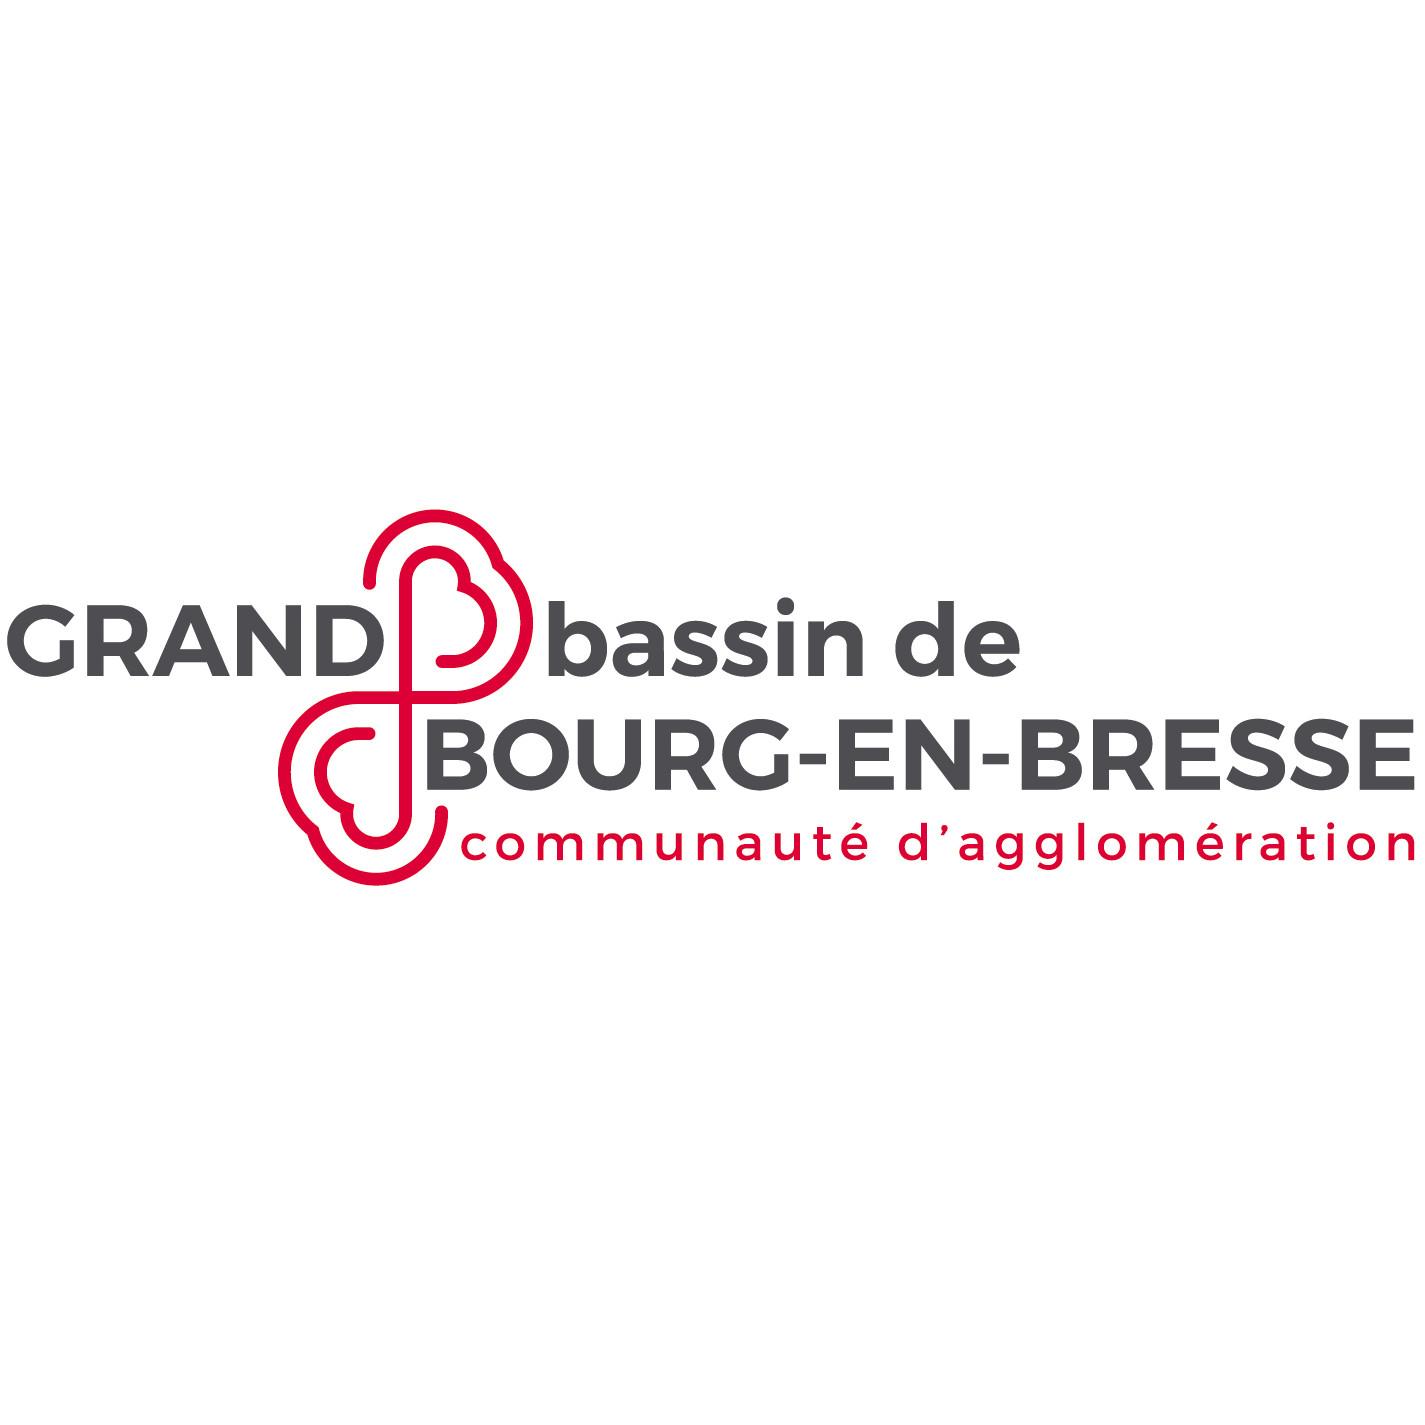 Communauté d'Agglomération du Bassin de Bourg en Bresse - CA3B